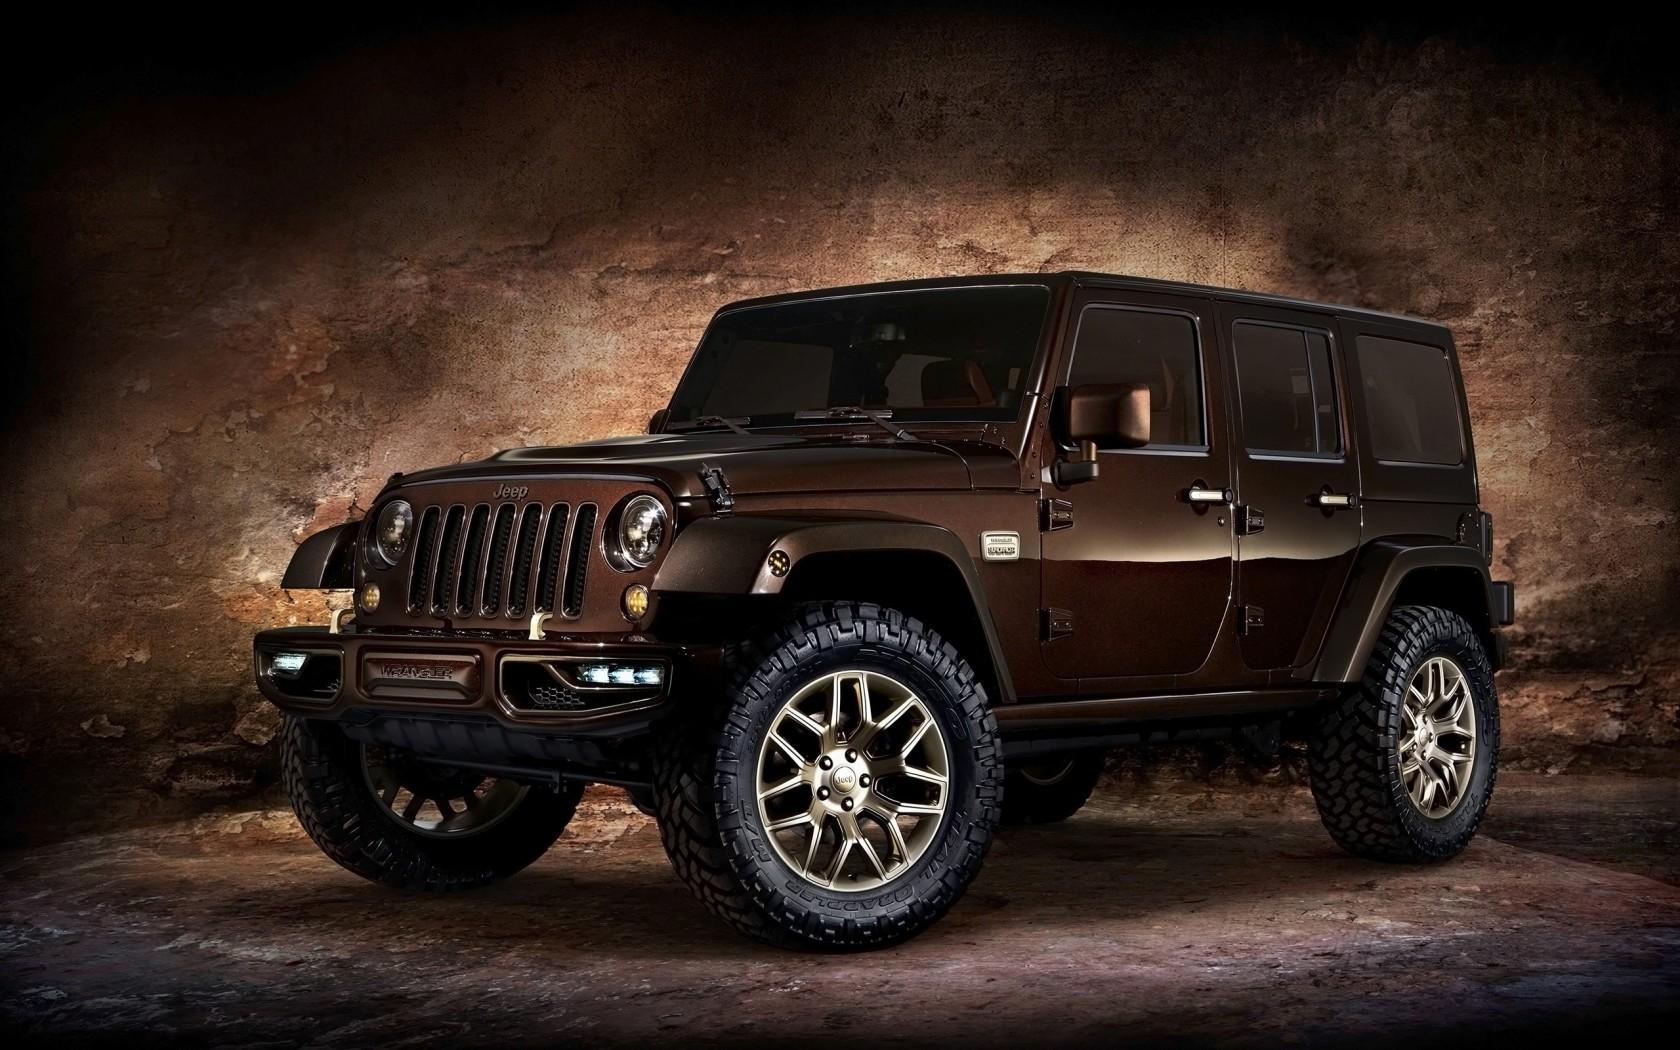 2014 Jeep Wrangler Sundancer Concept Wallpaper Hd Car